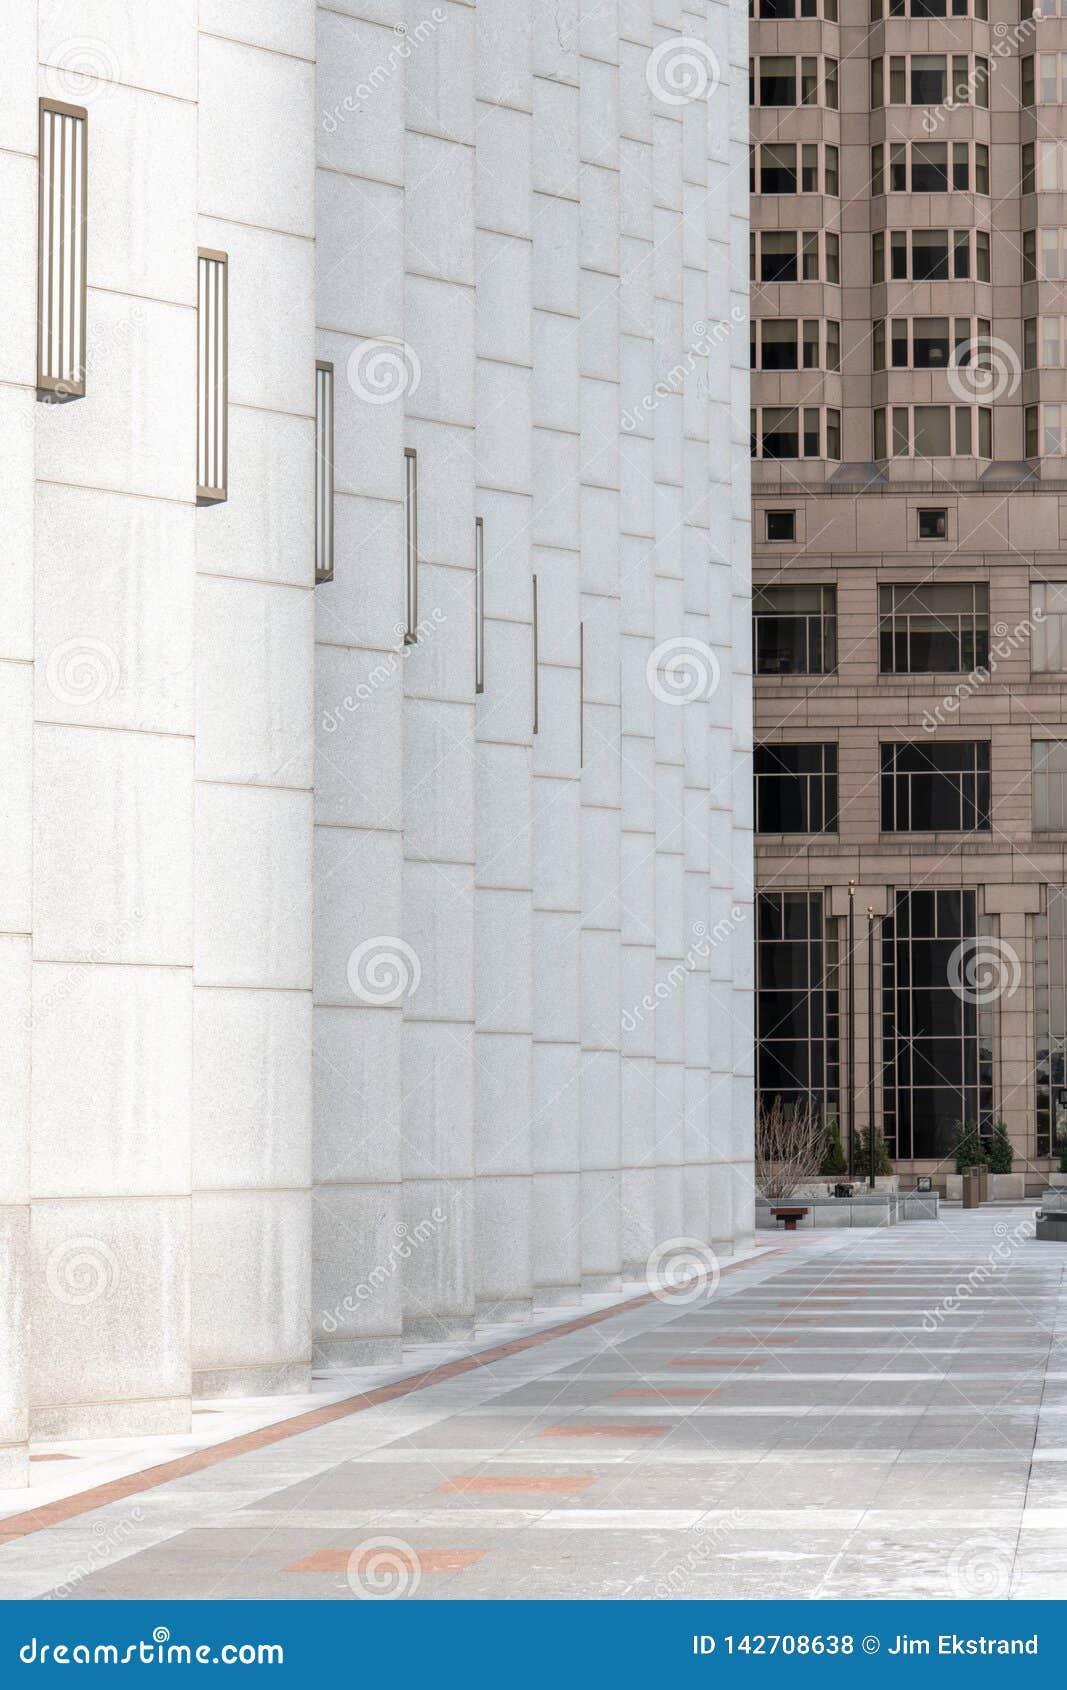 Gang en kolommen met lijnen die tot perspectief tussen bureaugebouwen leiden in het stedelijke plaatsen - verticale richtlijn